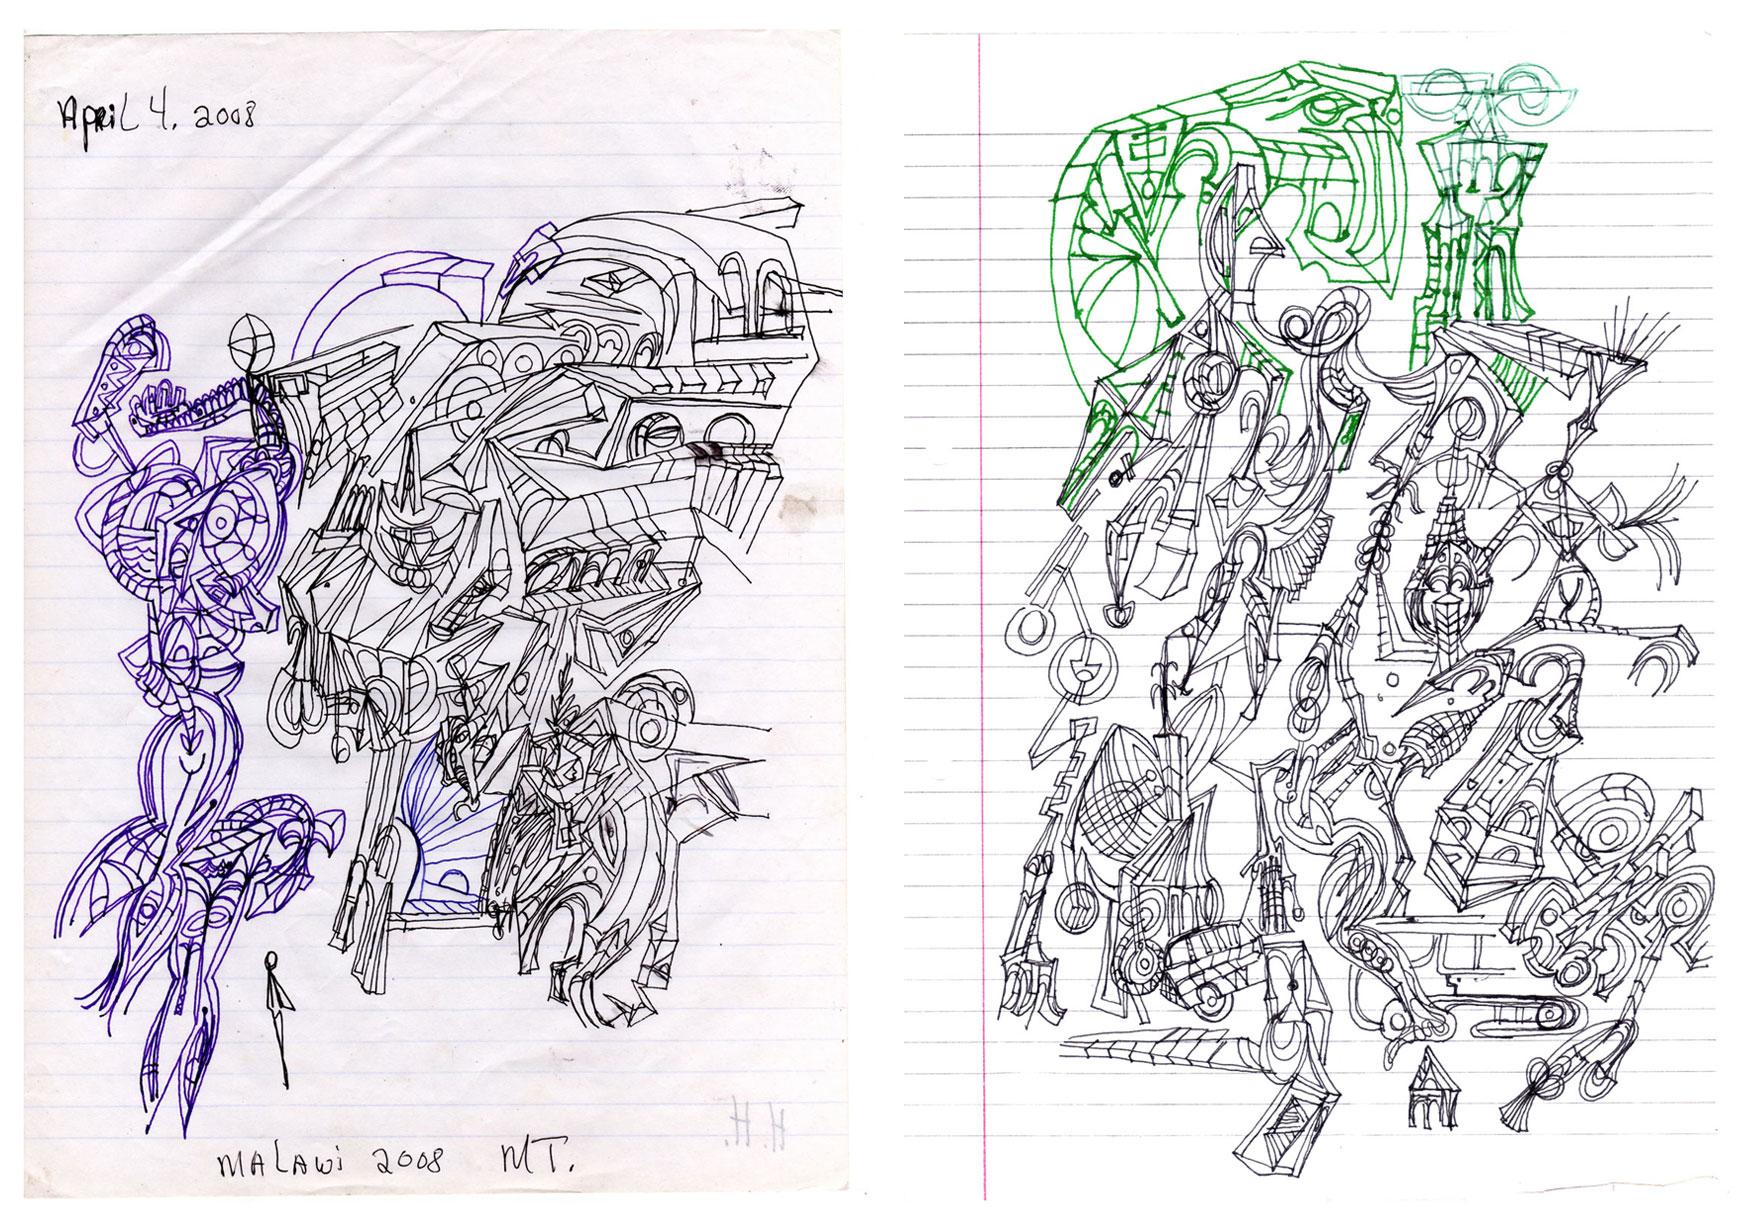 Transit Sketches, 2008